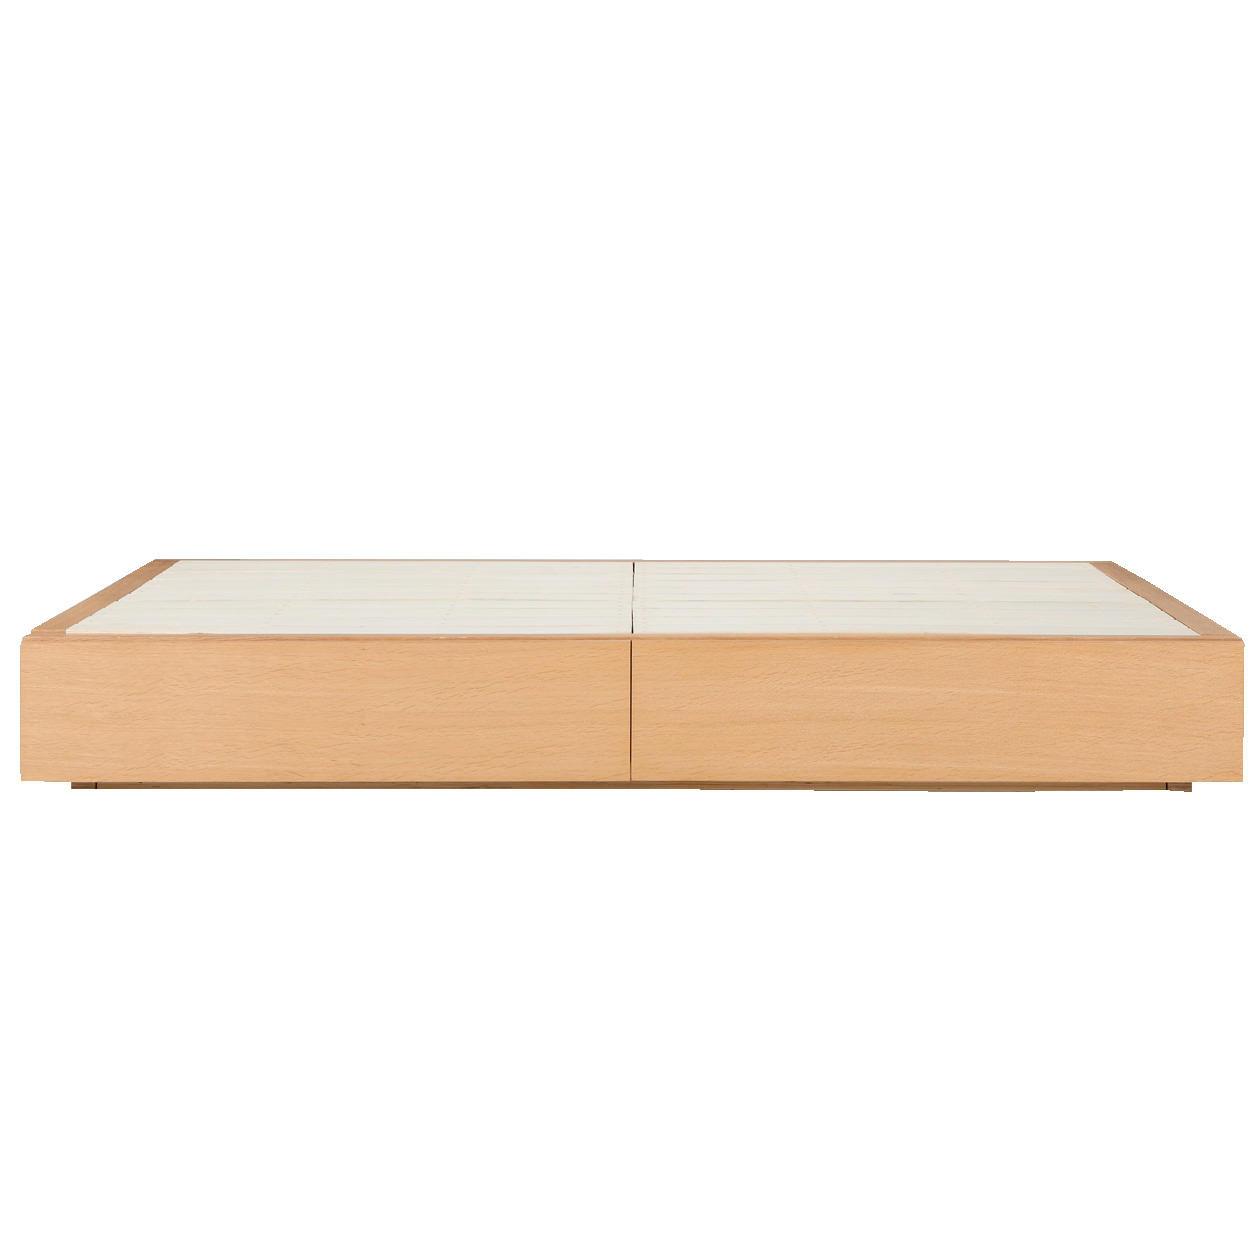 Muji Oak Double Storage Bed